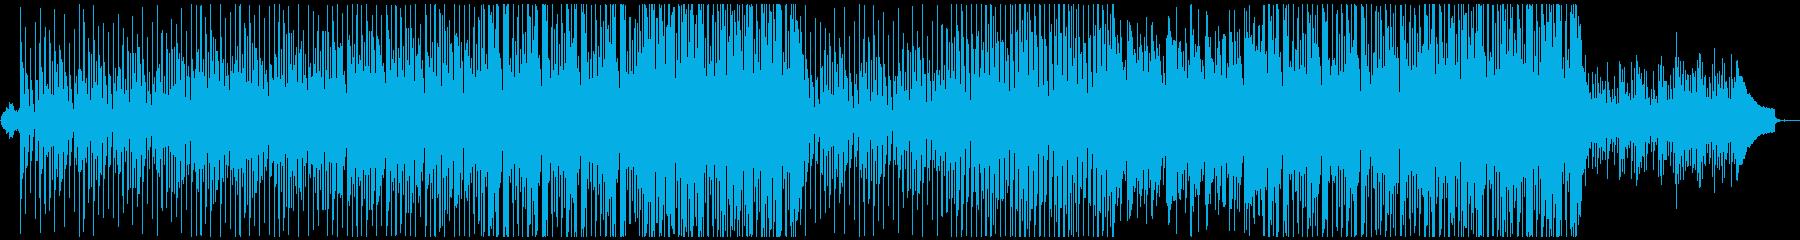 企業VP・CM・爽やか軽快でピアノ可愛いの再生済みの波形